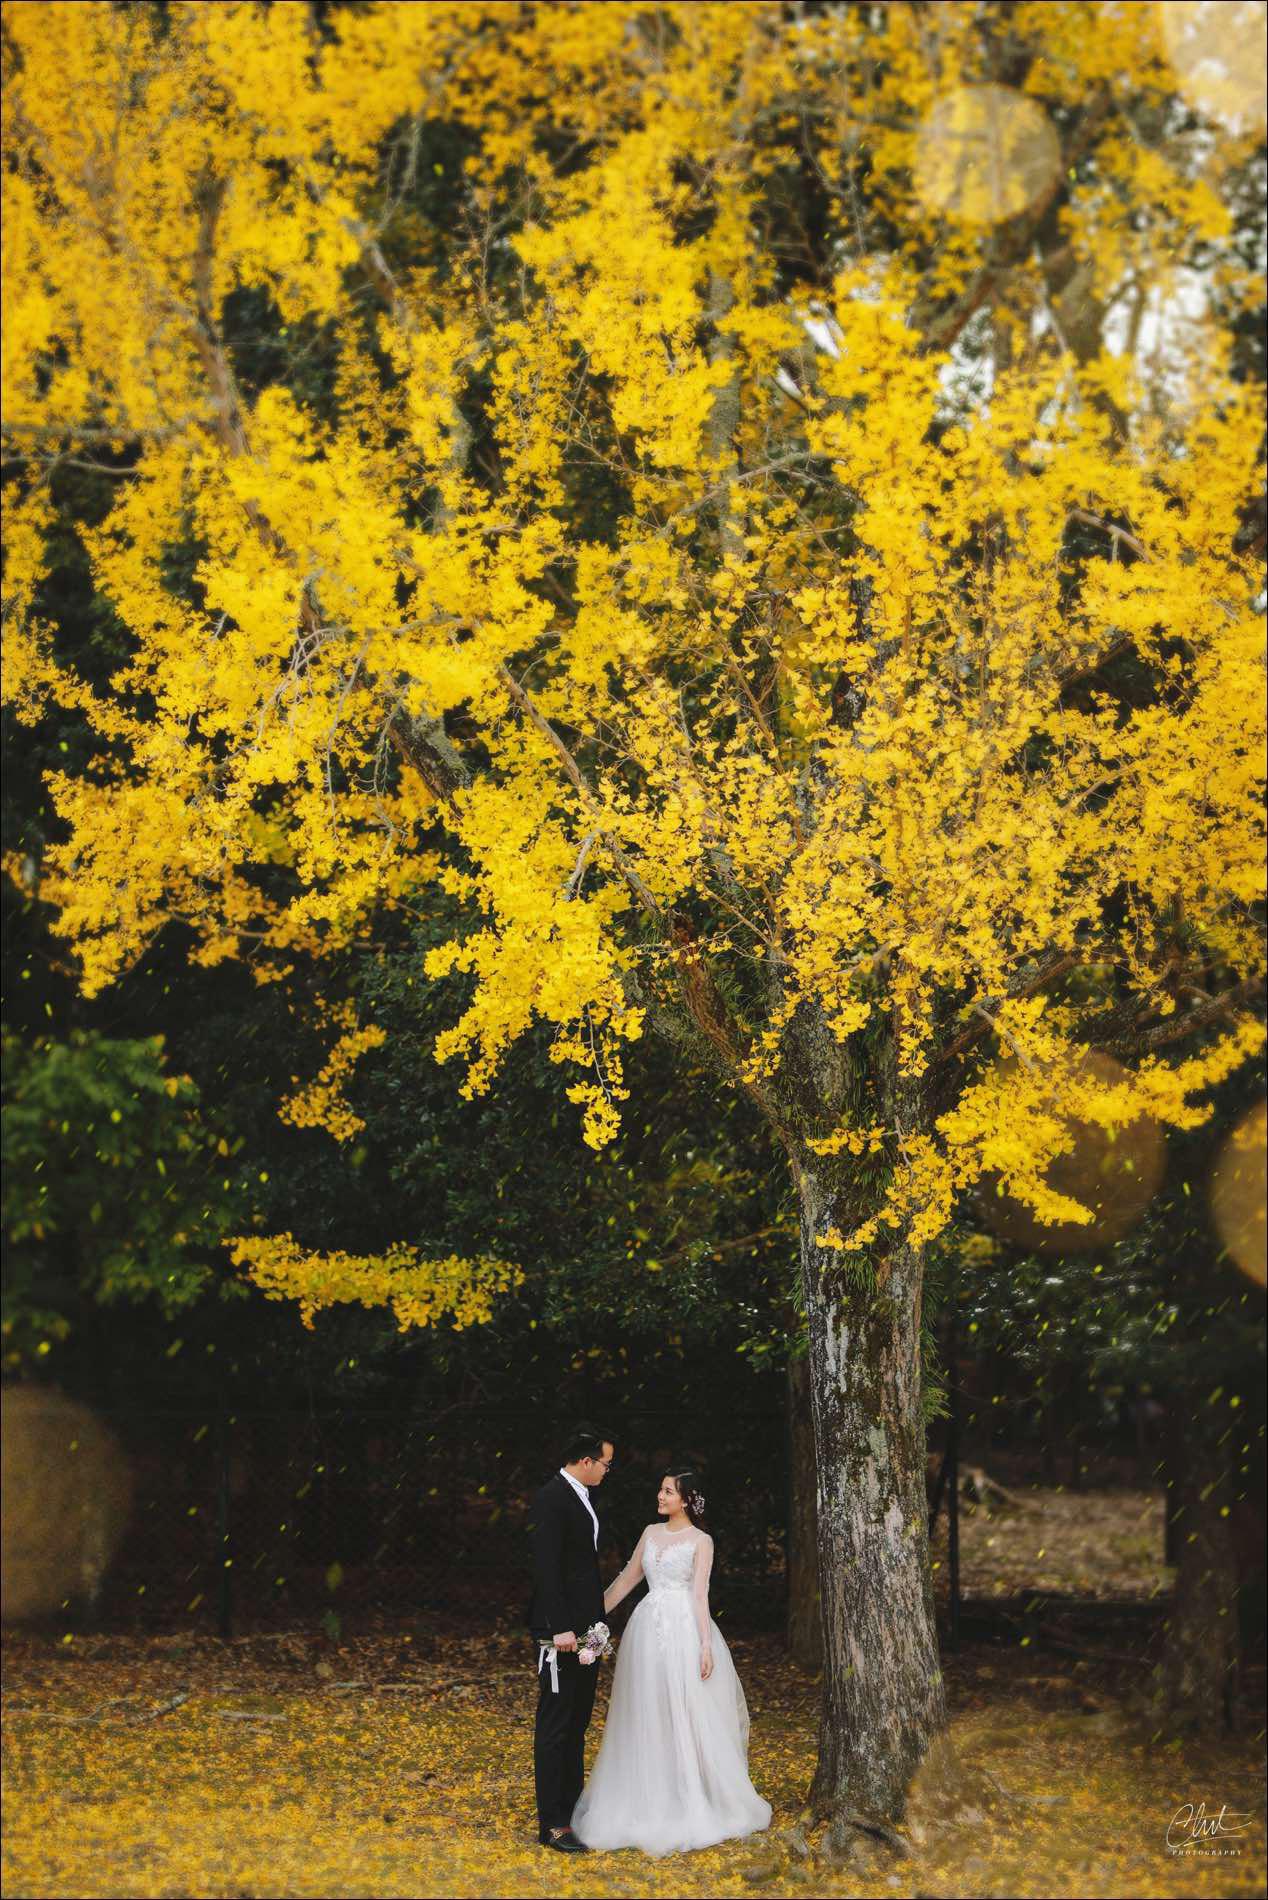 Bộ ảnh cưới 4 mùa bên nhau và cái kết viên mãn của 9 năm thanh xuân - Ảnh 10.